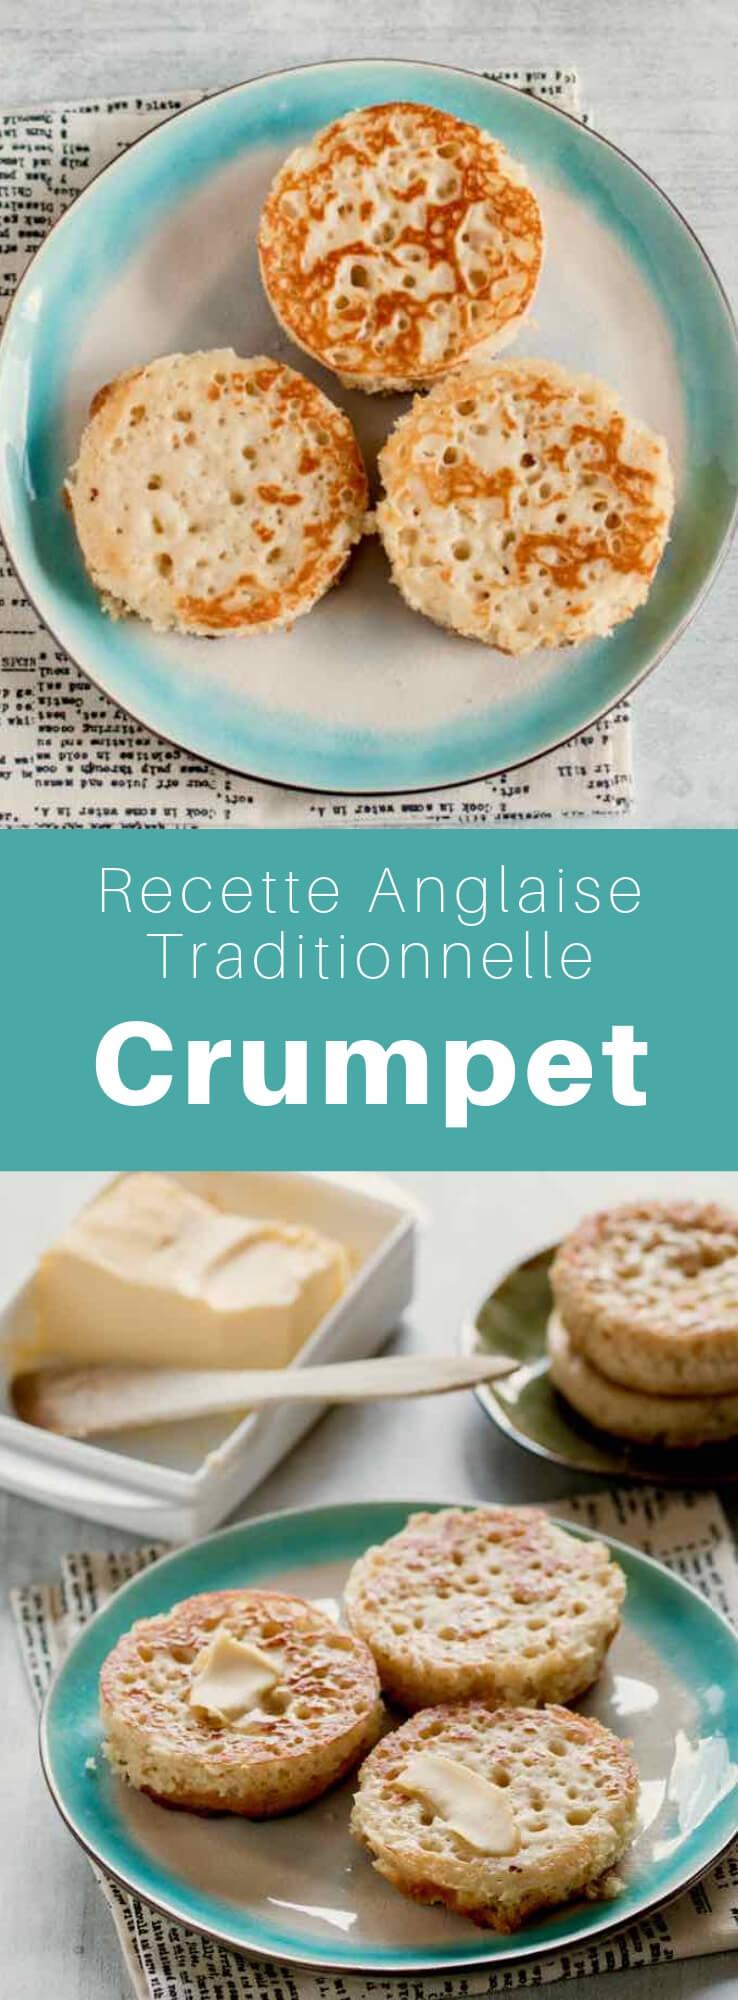 Le crumpet est un pain composé de farine et levure. On le consomme principalement au Royaume-Uni, mais aussi dans tout le Commonwealth. #RoyaumeUni #Angleterre #RecetteAnglaise #RecetteBritannique #CuisineAnglaise #CuisineBritannique #CuisineDuMonde #196flavors